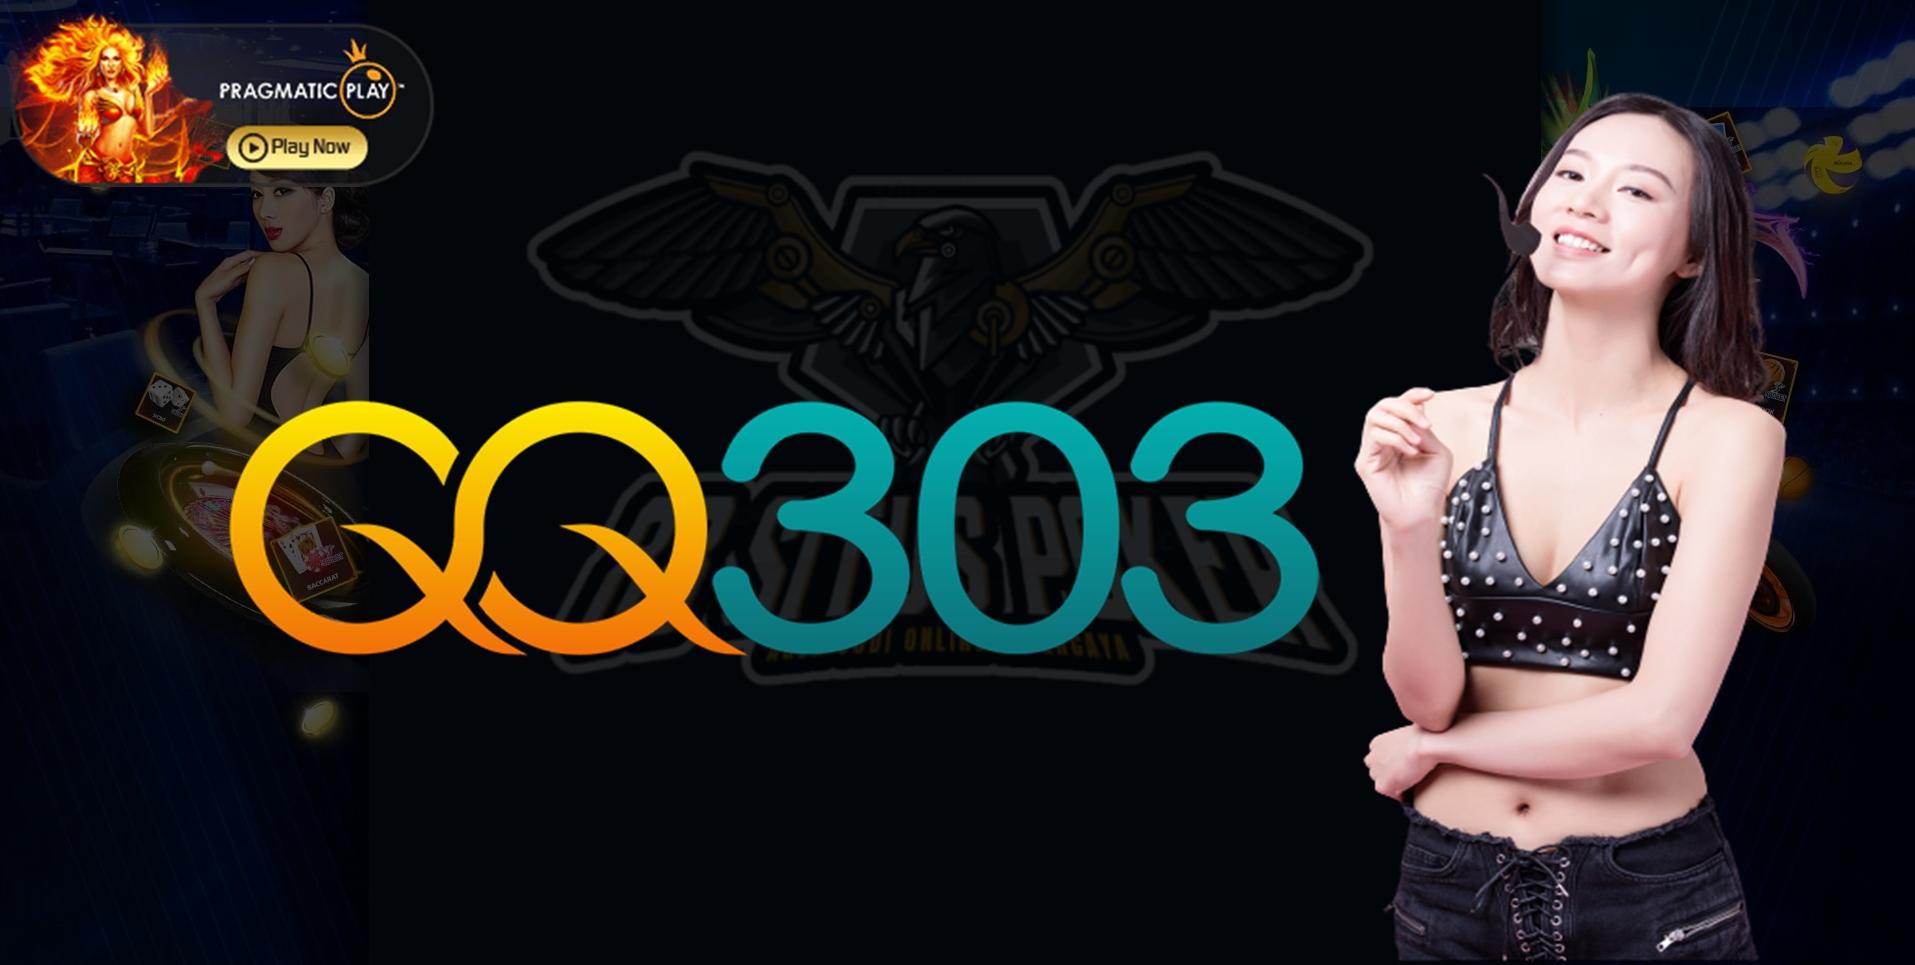 QQ303 Situs Judi Slot Online & Deposit Pulsa Tanpa Potongan